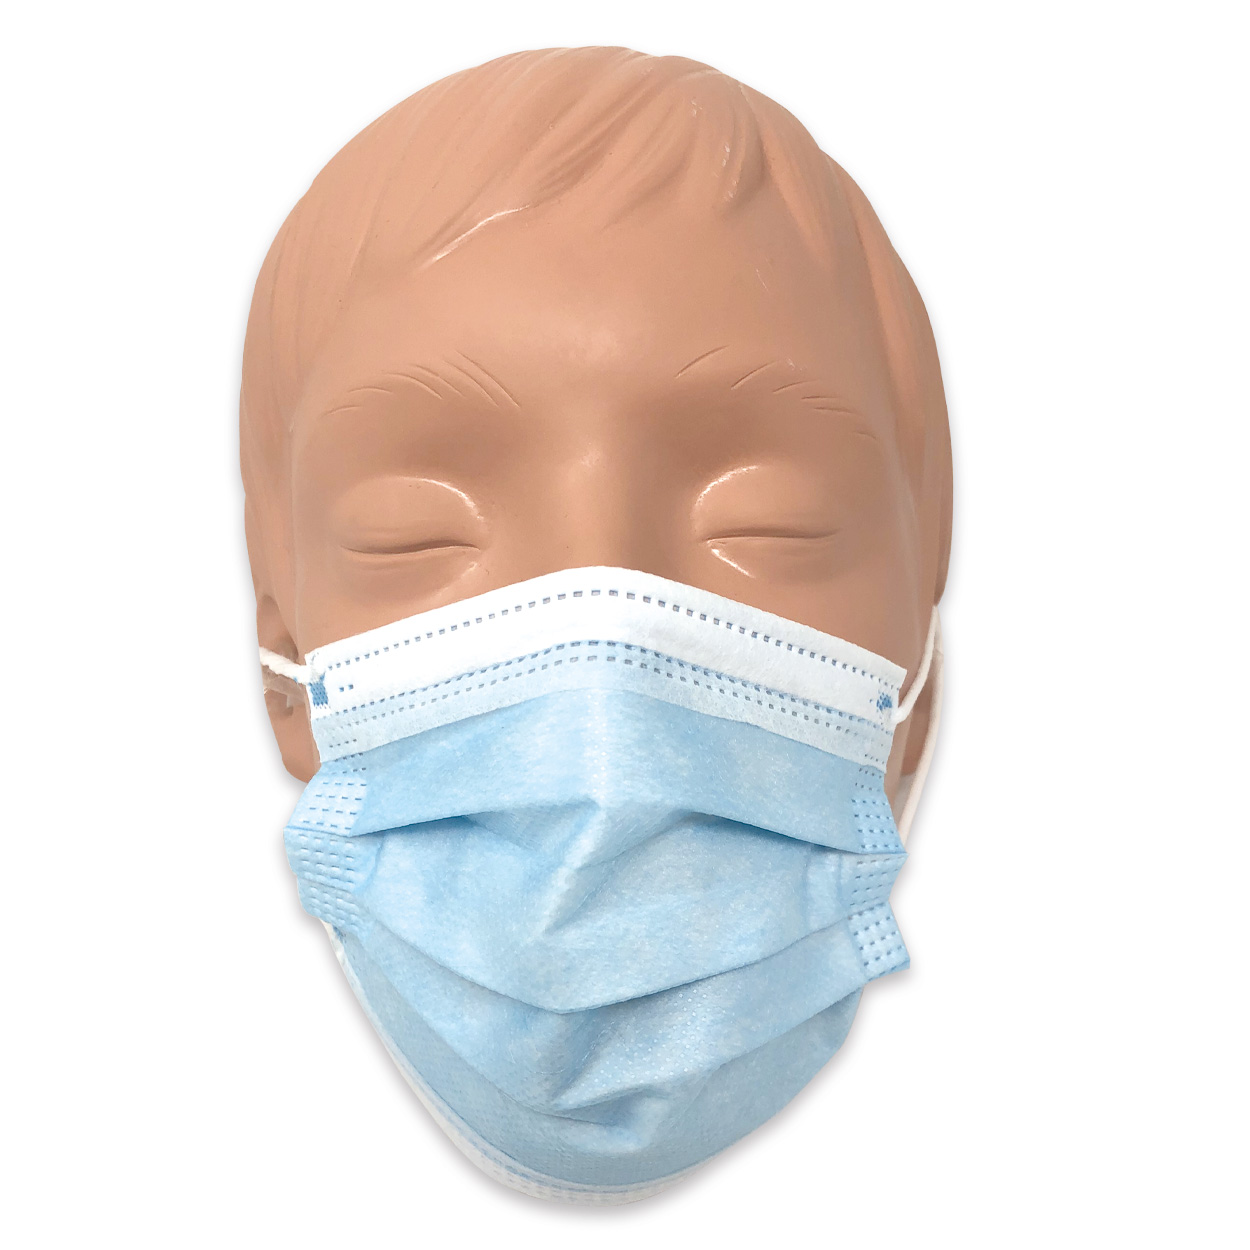 Mundschutz für Kinder in hellblau, Typ II, 3-lagig - Packung à 50 Stück